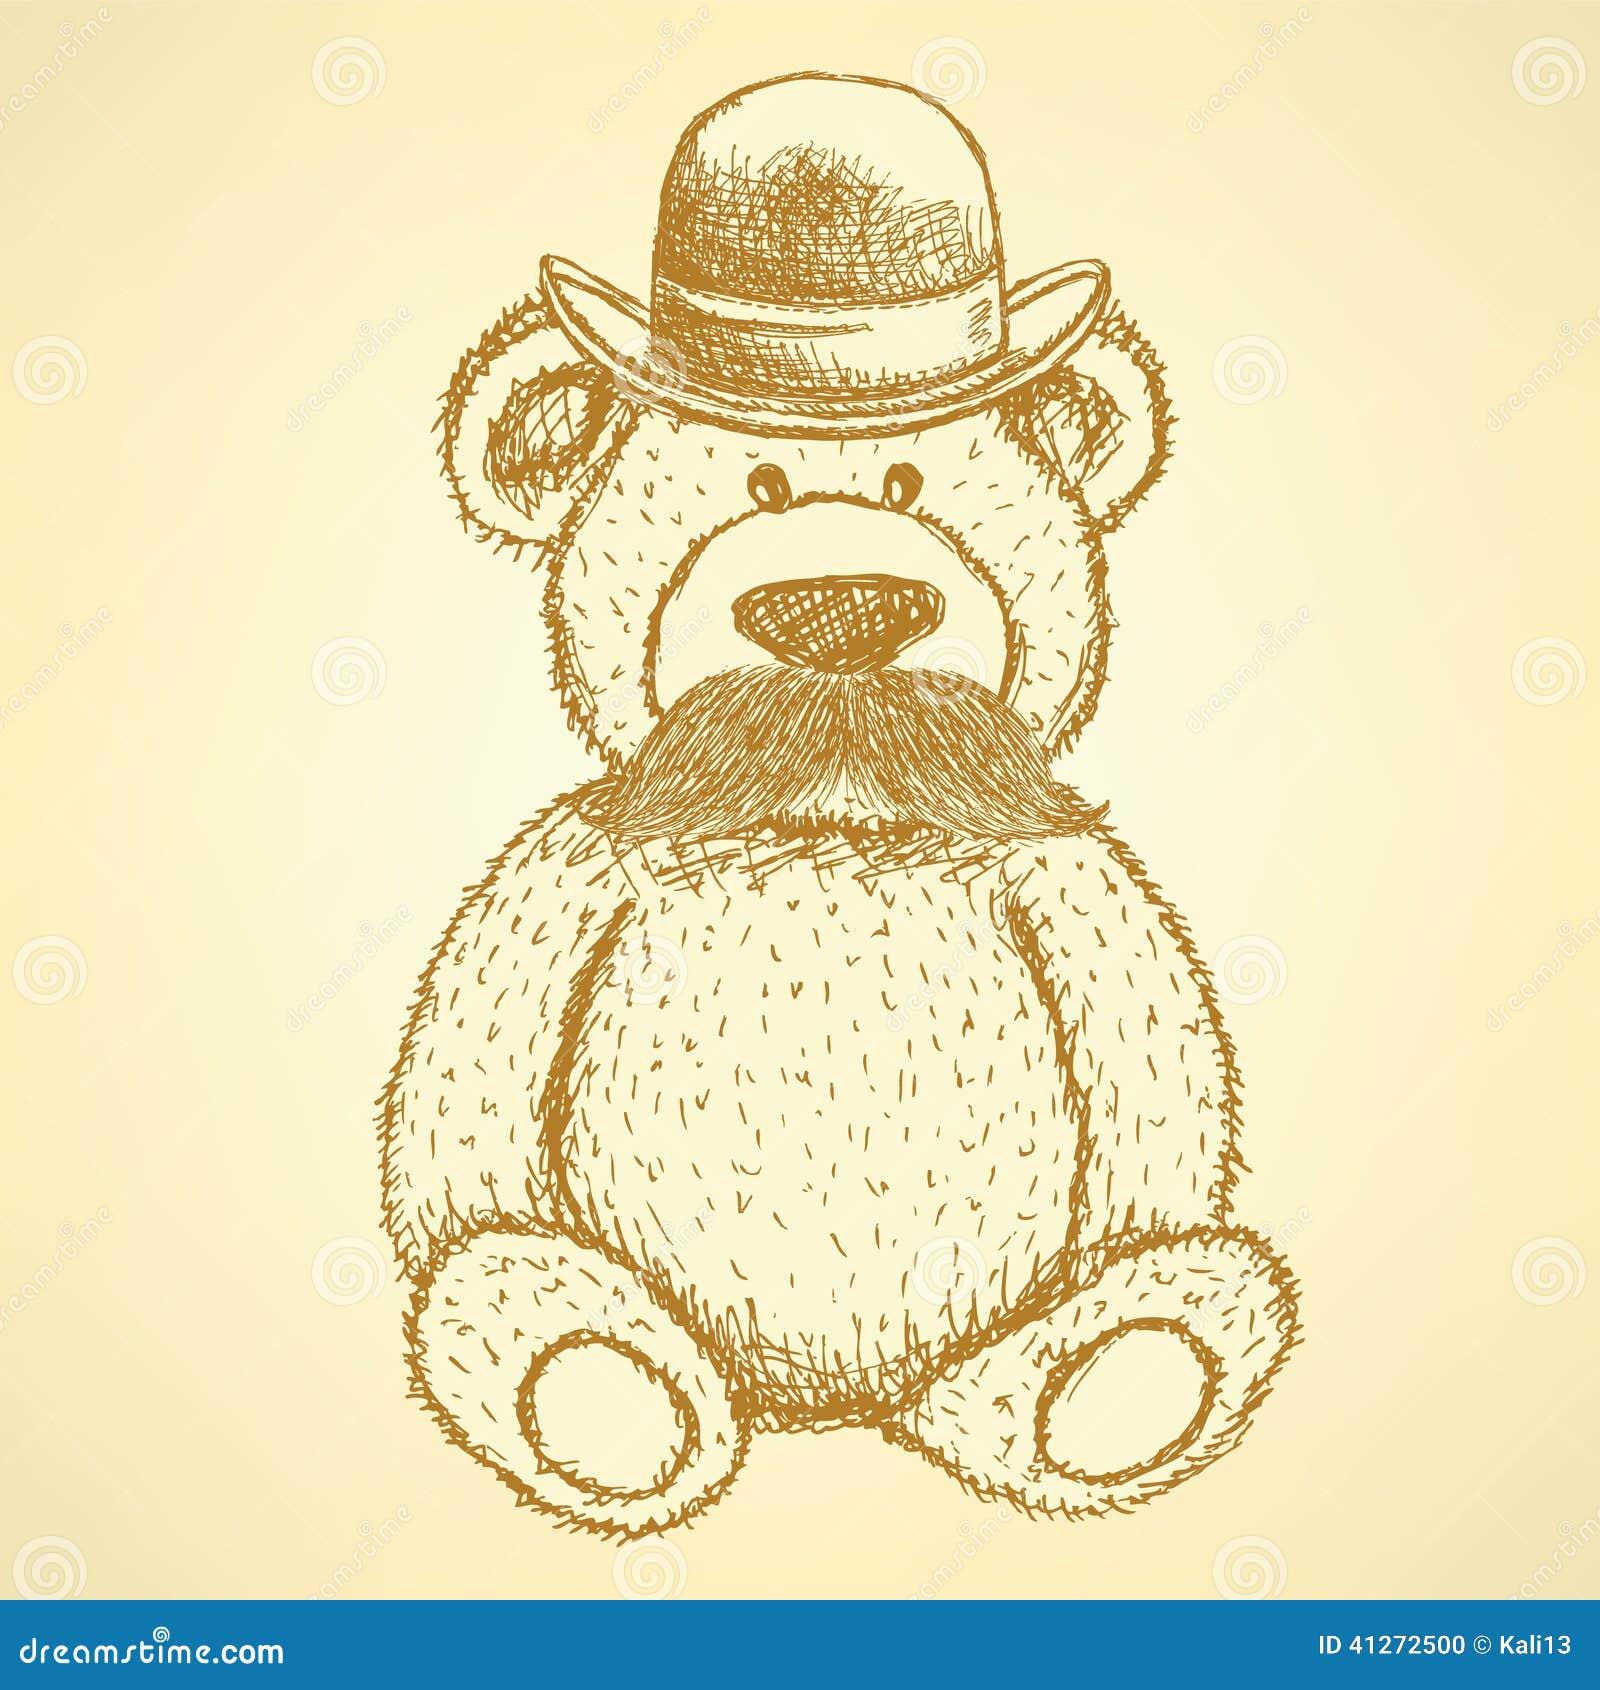 速写玩具熊在有髭的,葡萄酒背景帽子.图片